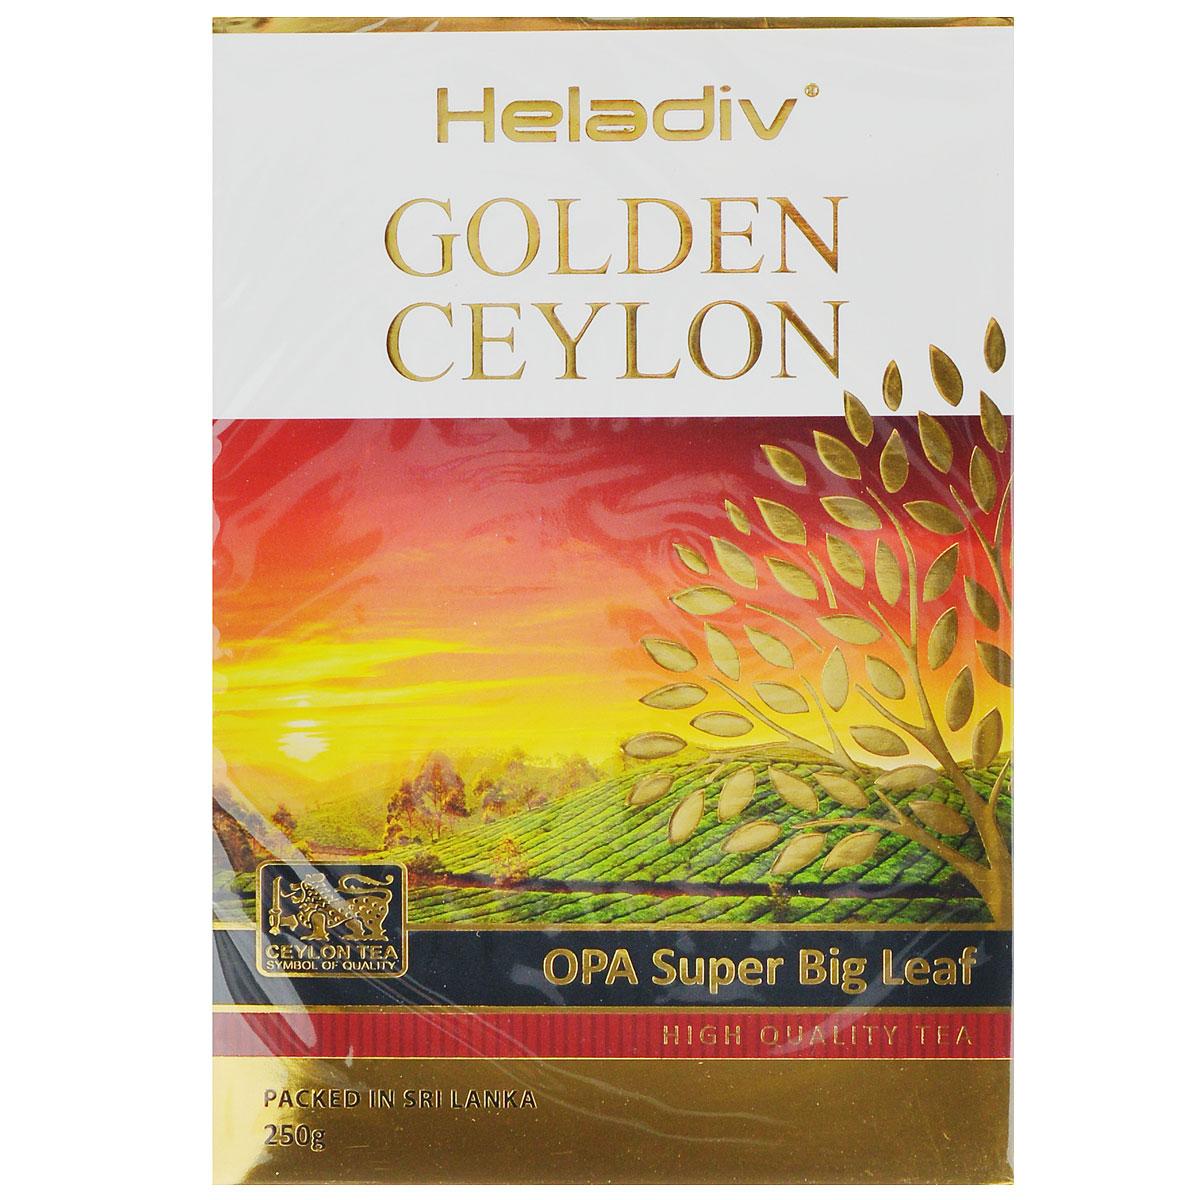 Heladiv Golden Ceylon Opa Super Big Leaf черный листовой чай, 250 г4791007010647Heladiv Golden Ceylon Opa Super Big Leaf- черный крупнолистовой чай высшей категории, собранный на лучших плантациях Шри-Ланки. Этот чай со свежим и в то же время крепким вкусом позволит вам ощутить гармонию, рожденную из прохлады высокогорных плато и зноя освещенных солнцем горных склонов Цейлона. Крепкий настой красного оттенка с золотистым отливом, уникальным вкусом и освежающим ароматом стал непременным атрибутом традиционного английского завтрака.